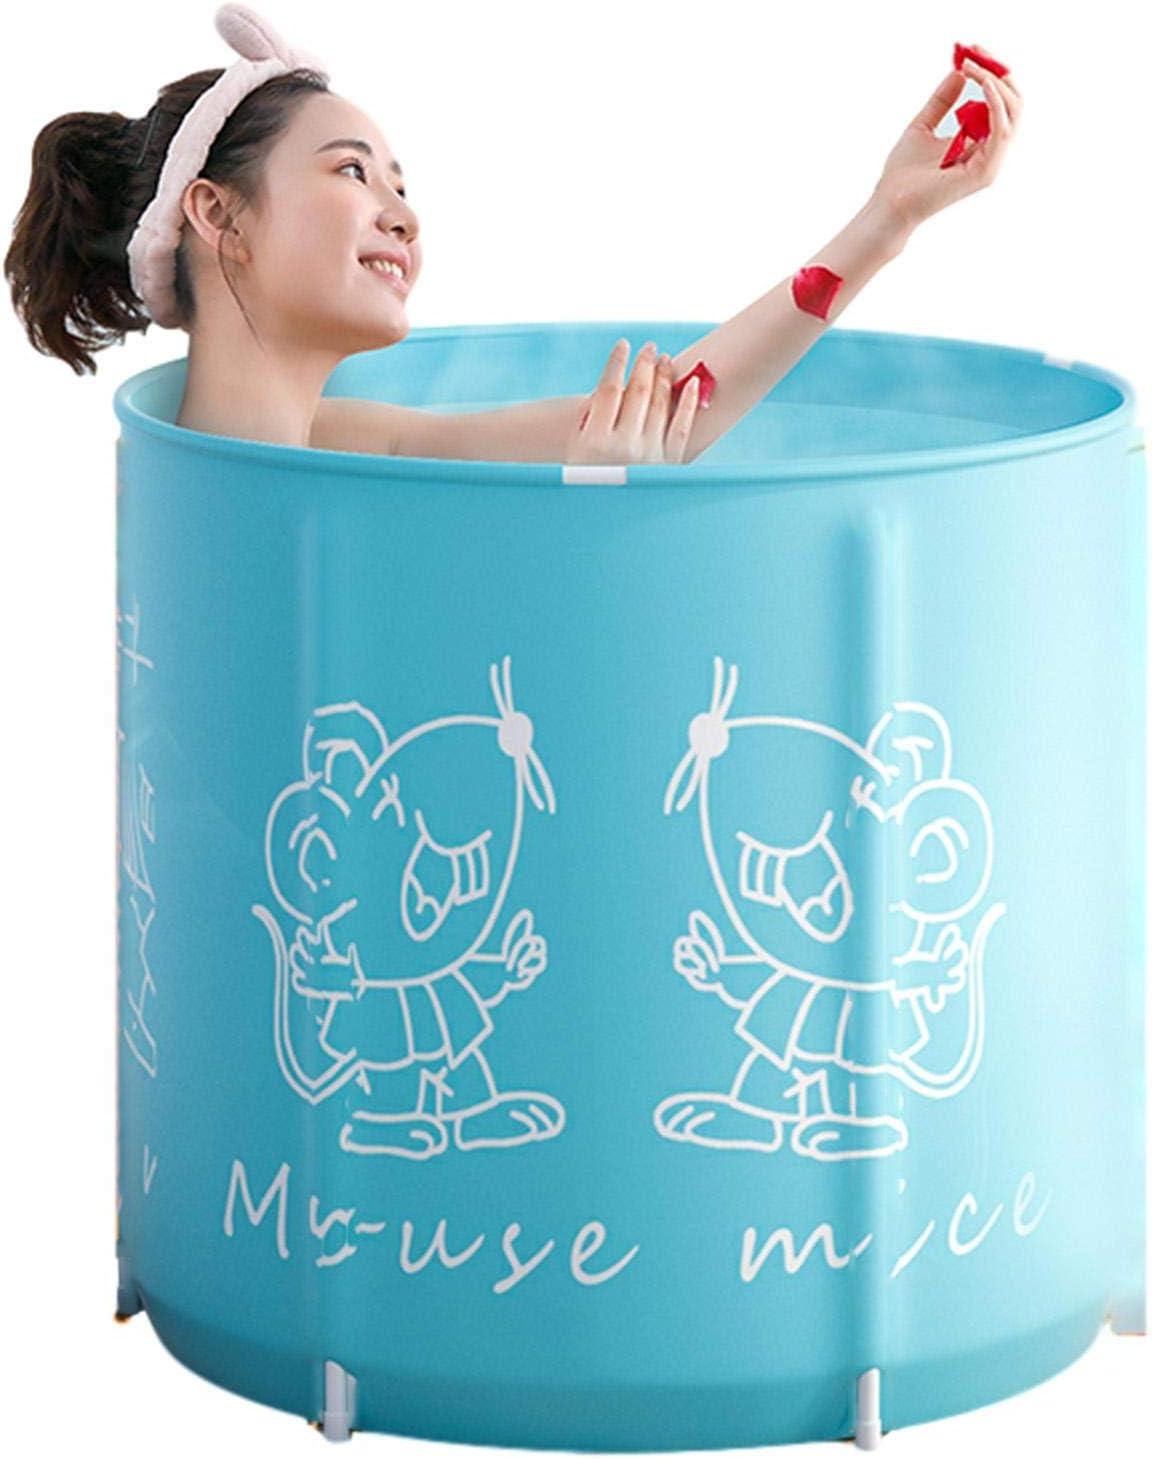 Jilijia Portable Bathtub,Folding Bathtub Set,Thicken Bath Barrel,Family Bathroom SPA Soaking Bathtub,Adult Large Bathtub